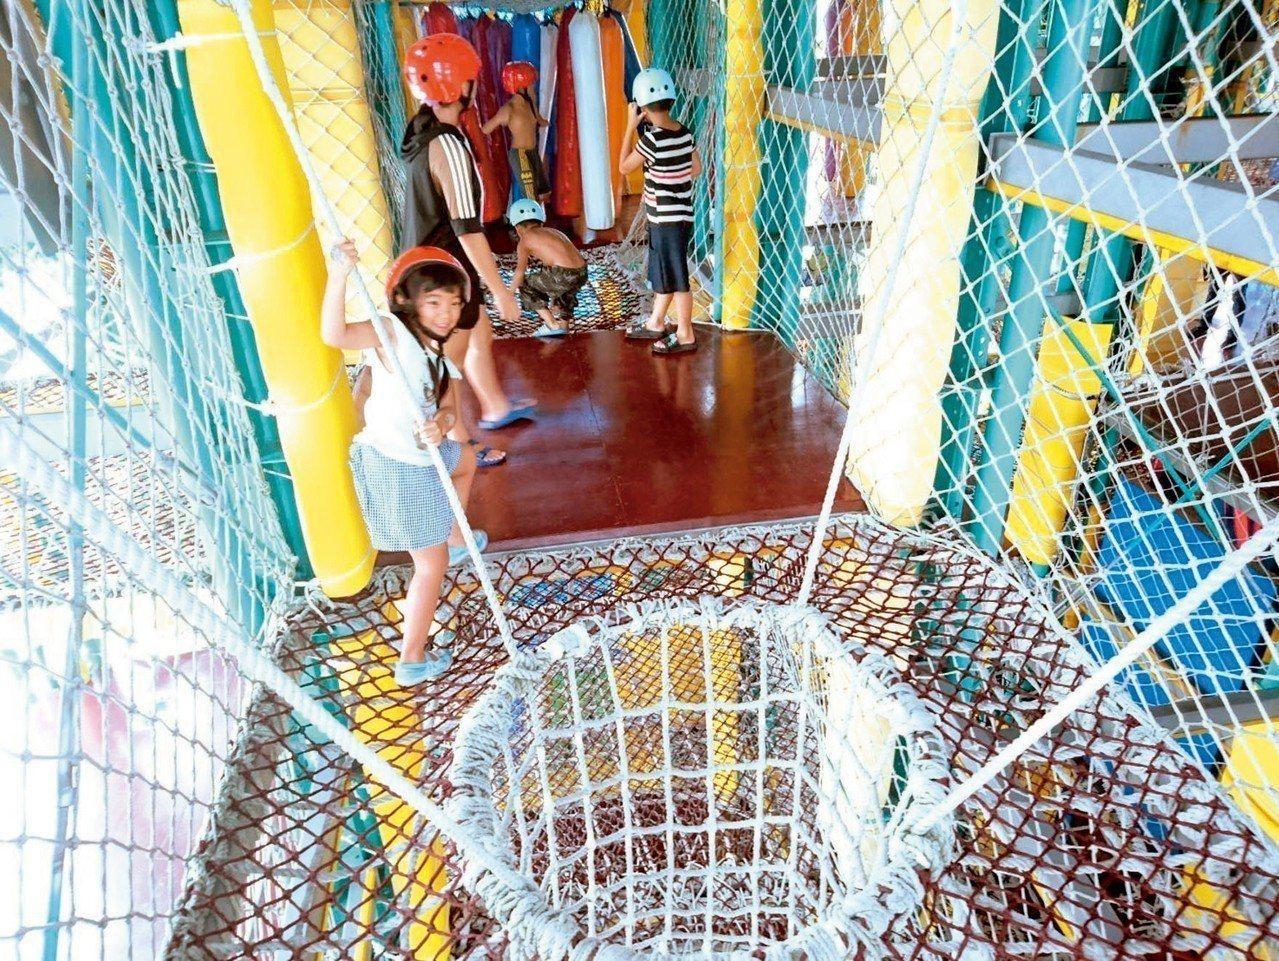 潛艇堡內闖迷宮。 記者羅建旺/攝影